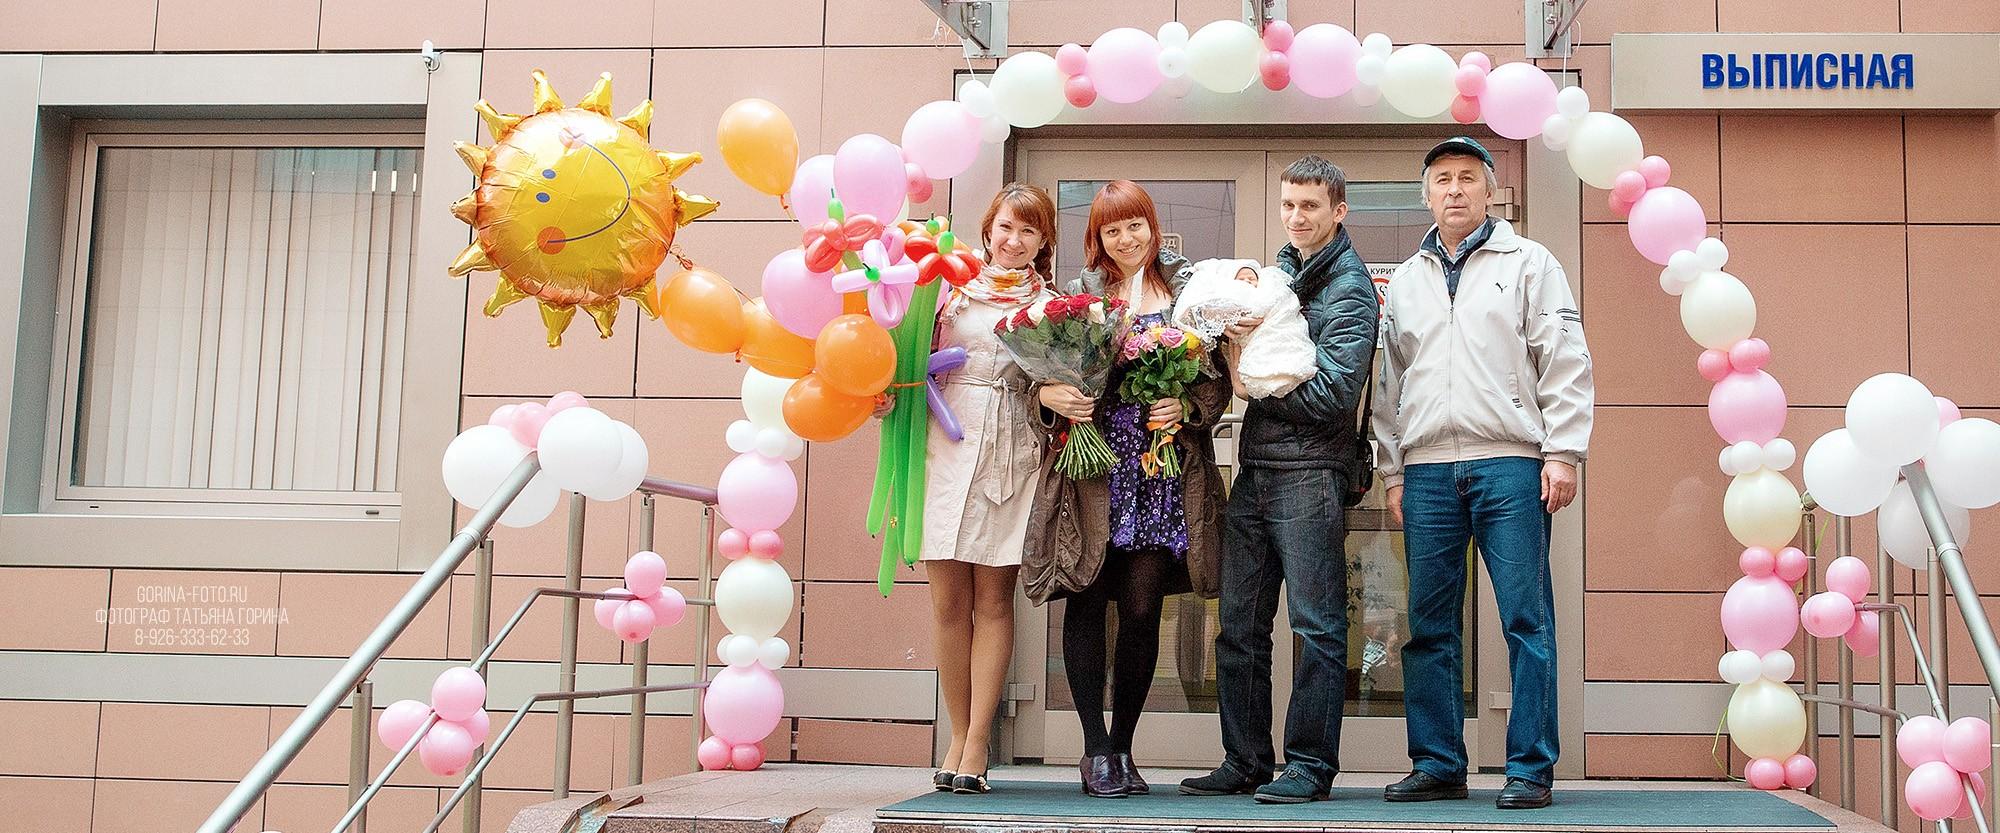 Встреча из роддома. Фотограф Татьяна Горина.